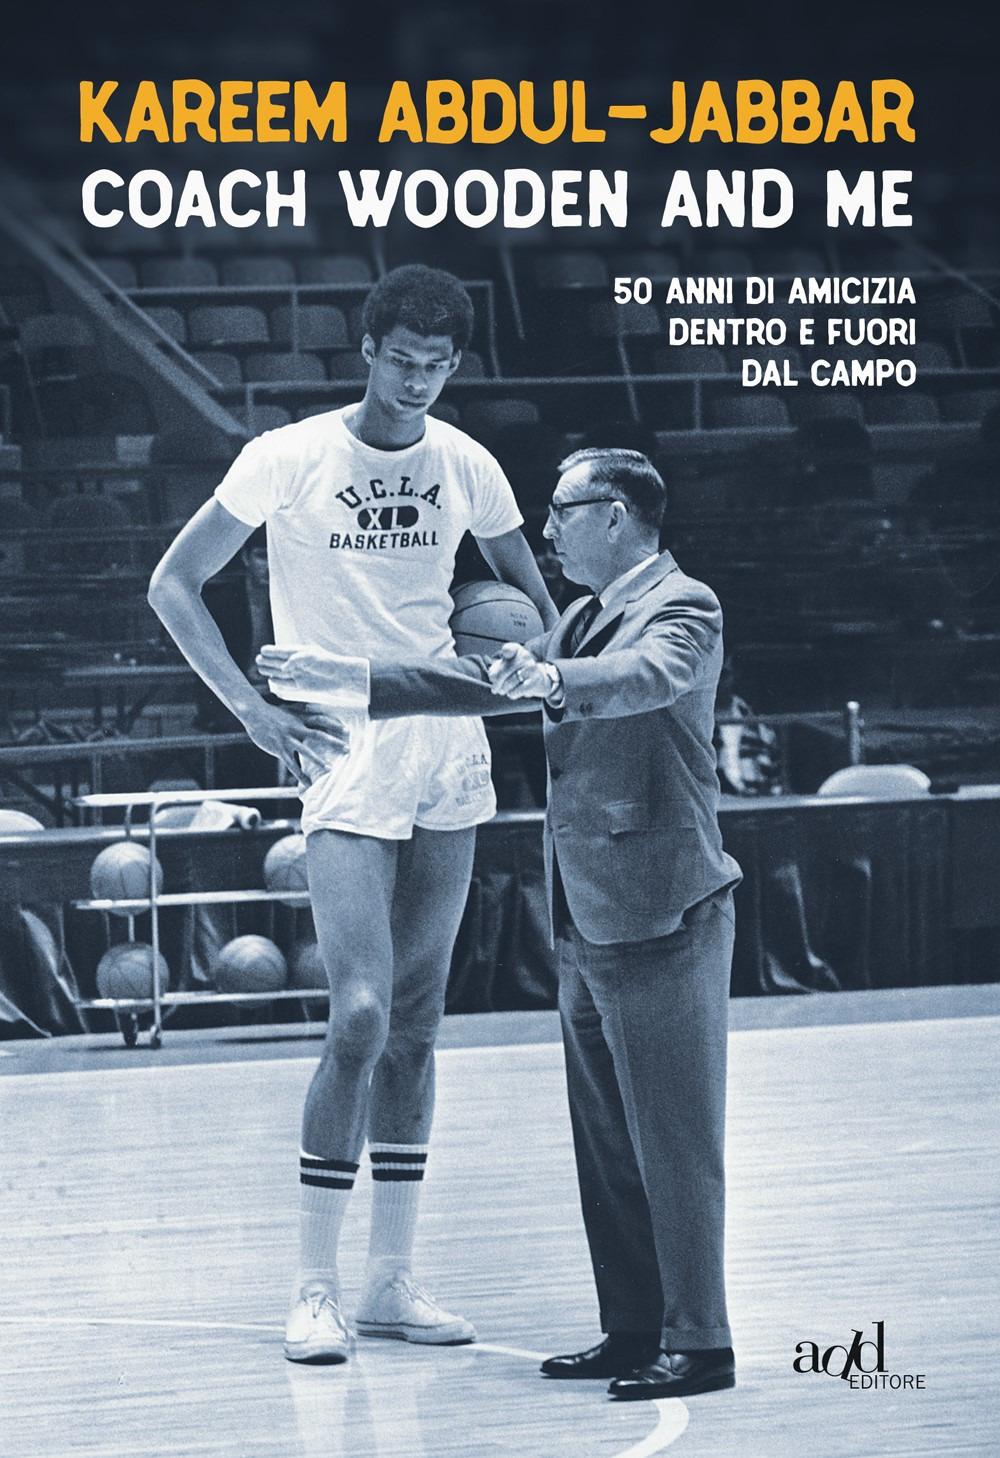 Coach Wooden and me. 50 anni di amicizia dentro e fuori dal campo